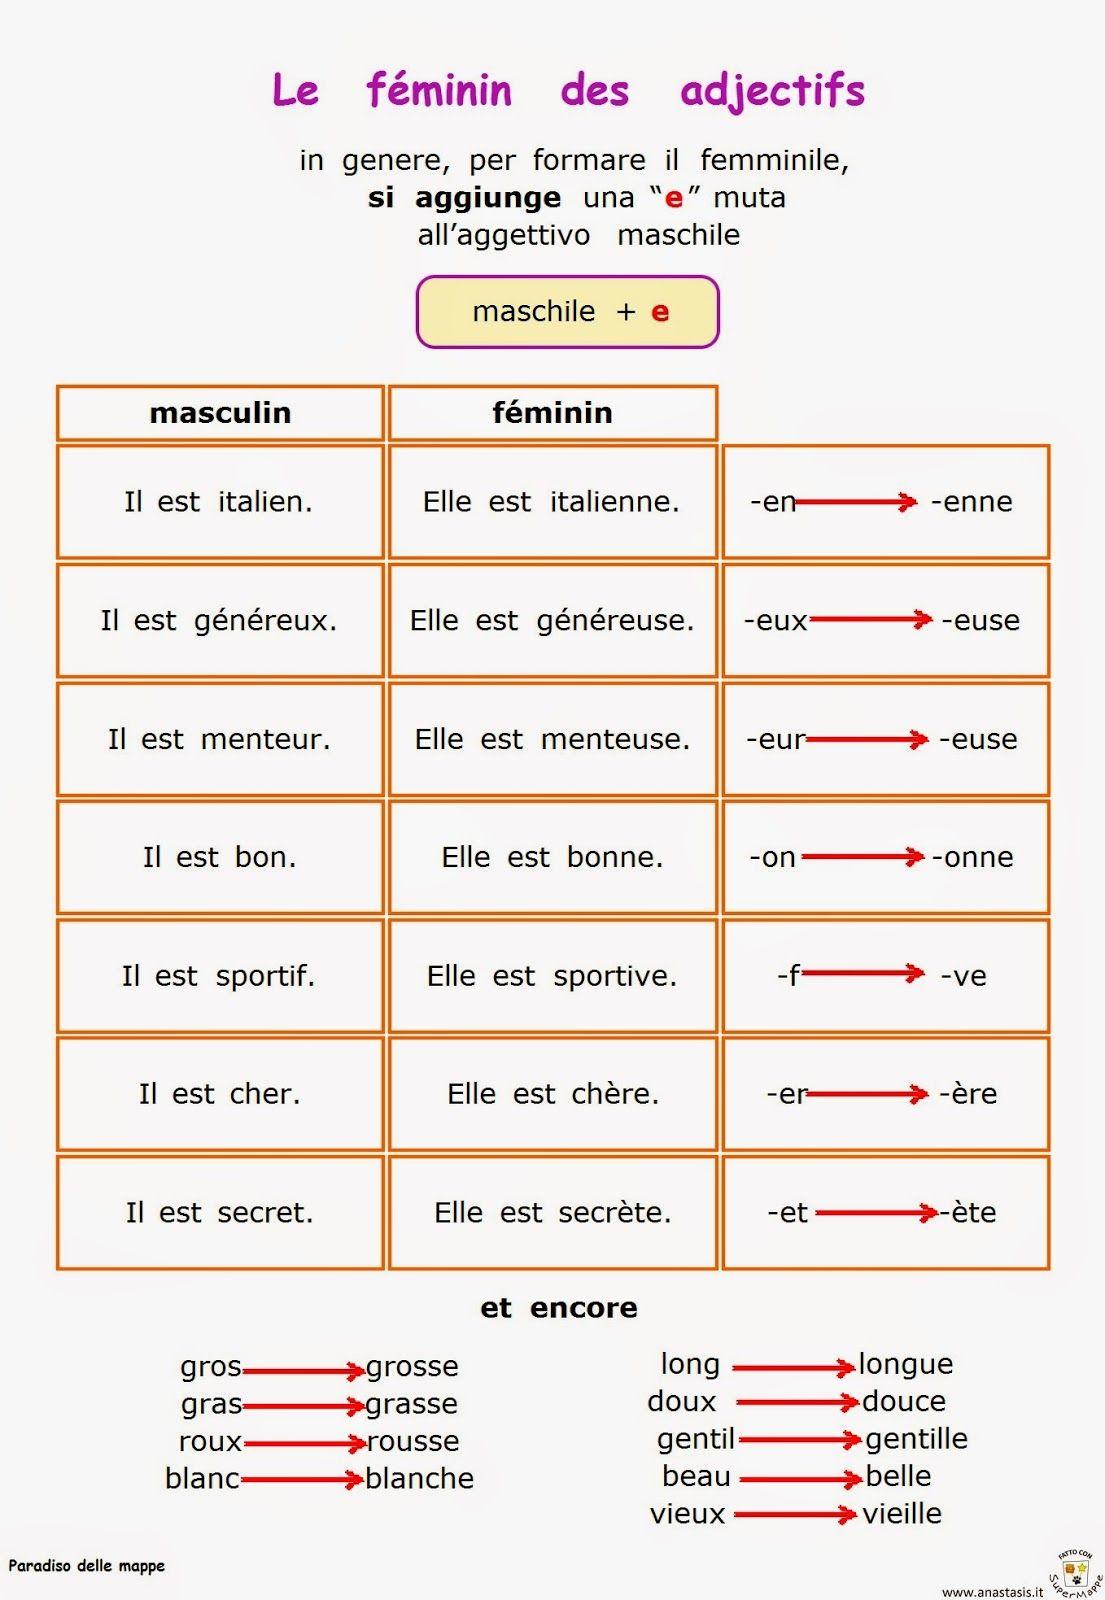 Paradiso Delle Mappe Le Feminin Des Adjectif Grammatica Francese Imparare Il Francese Insegnamento Del Francese